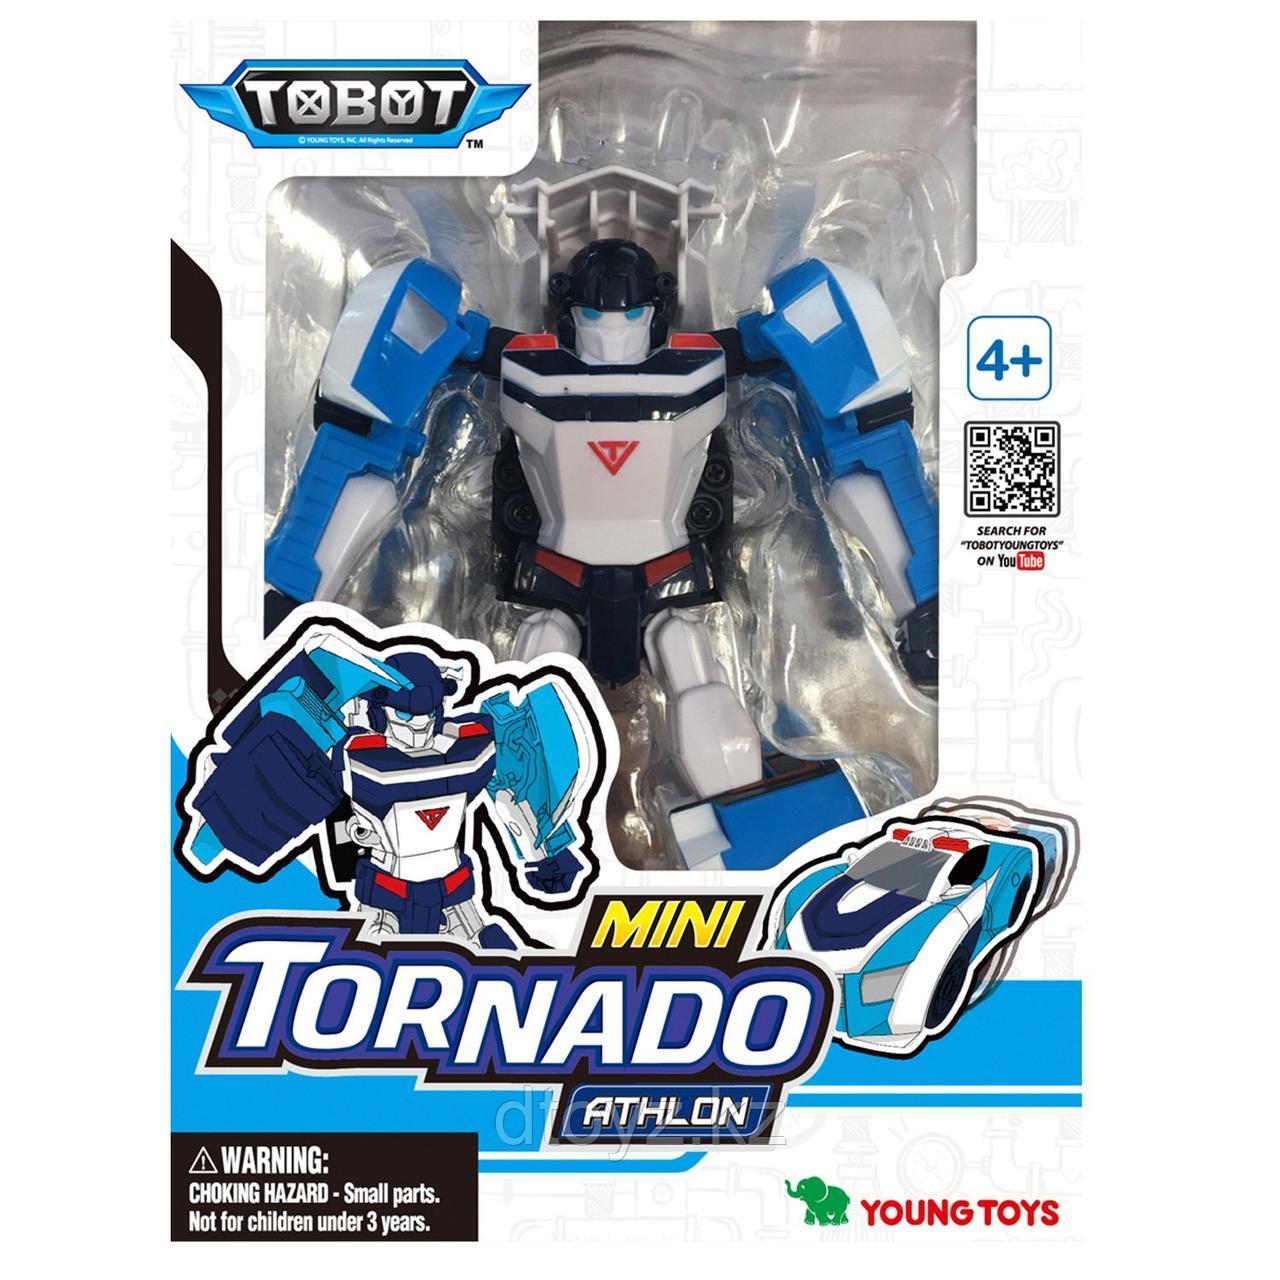 Трансформер Tobot Атлон Торнадо S2 мини 301069